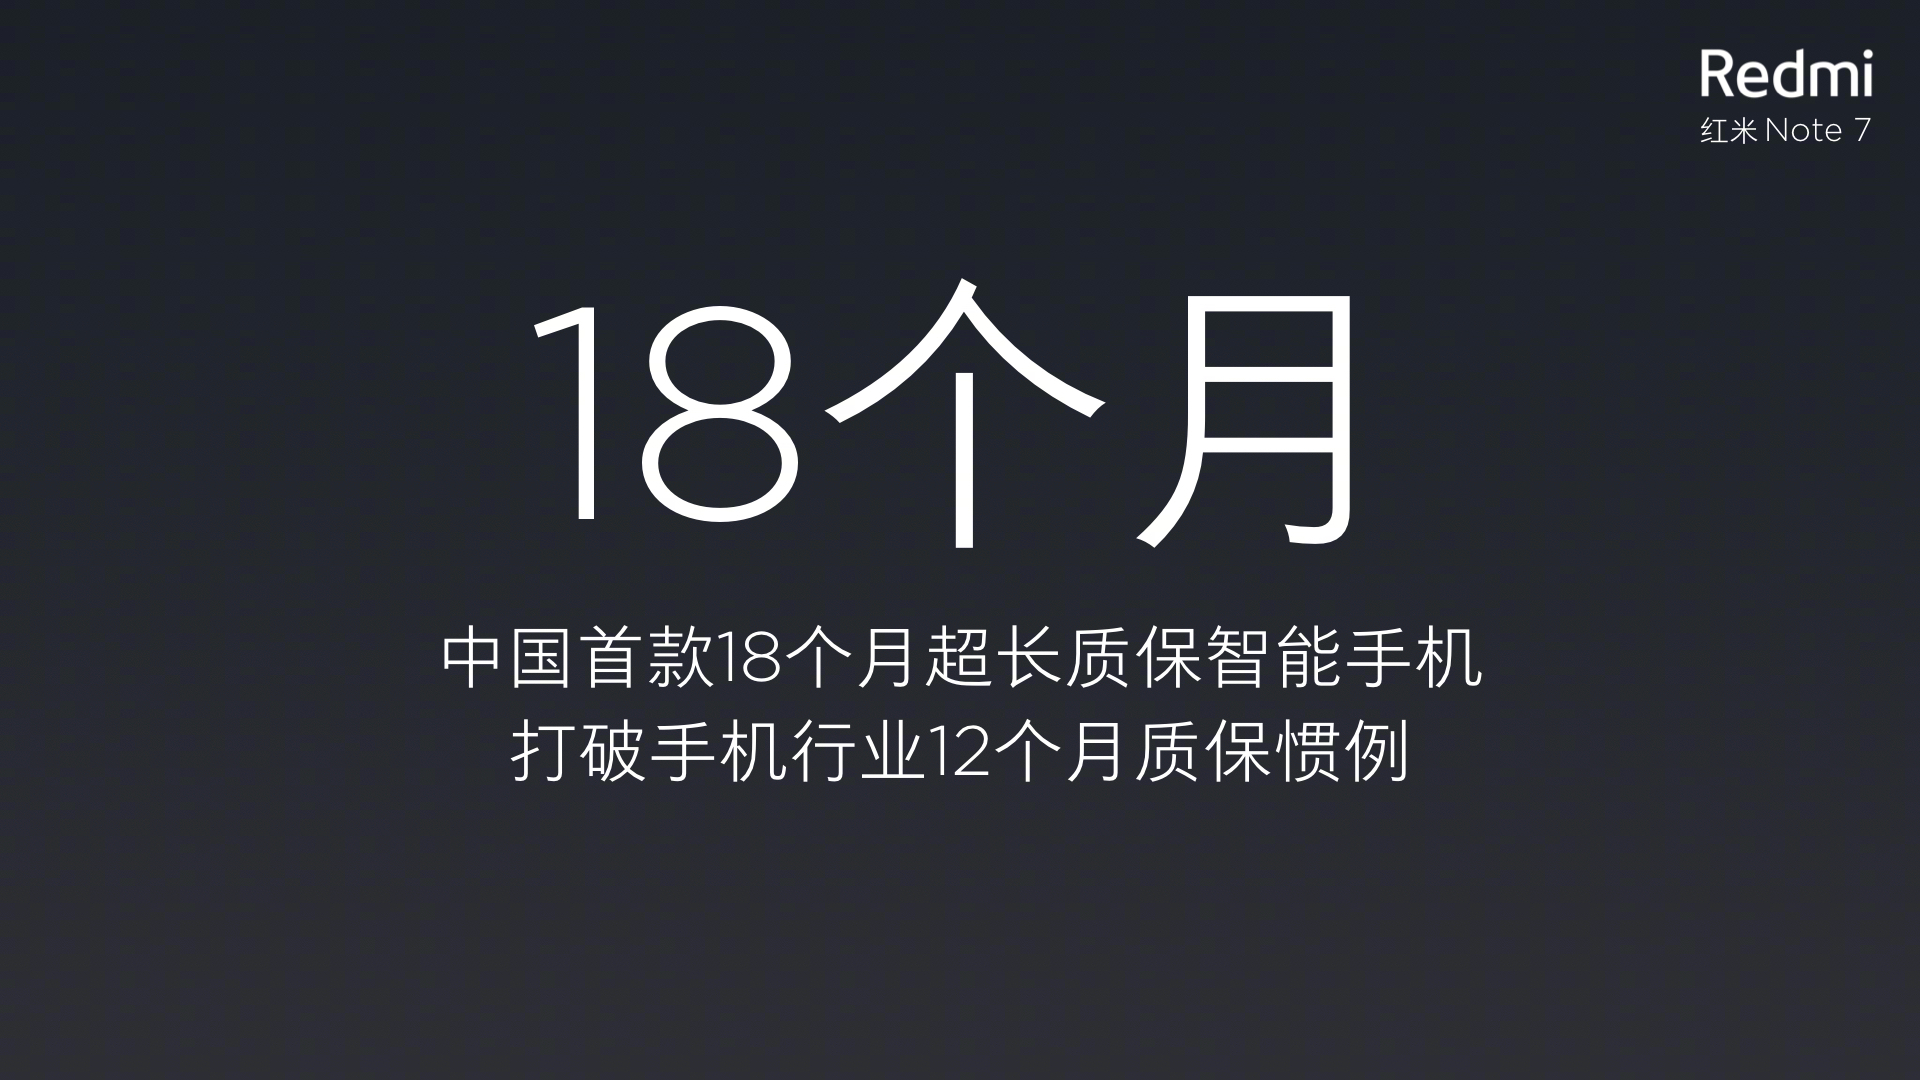 小米Redmi发布红米Note7,4800万像素,999元起